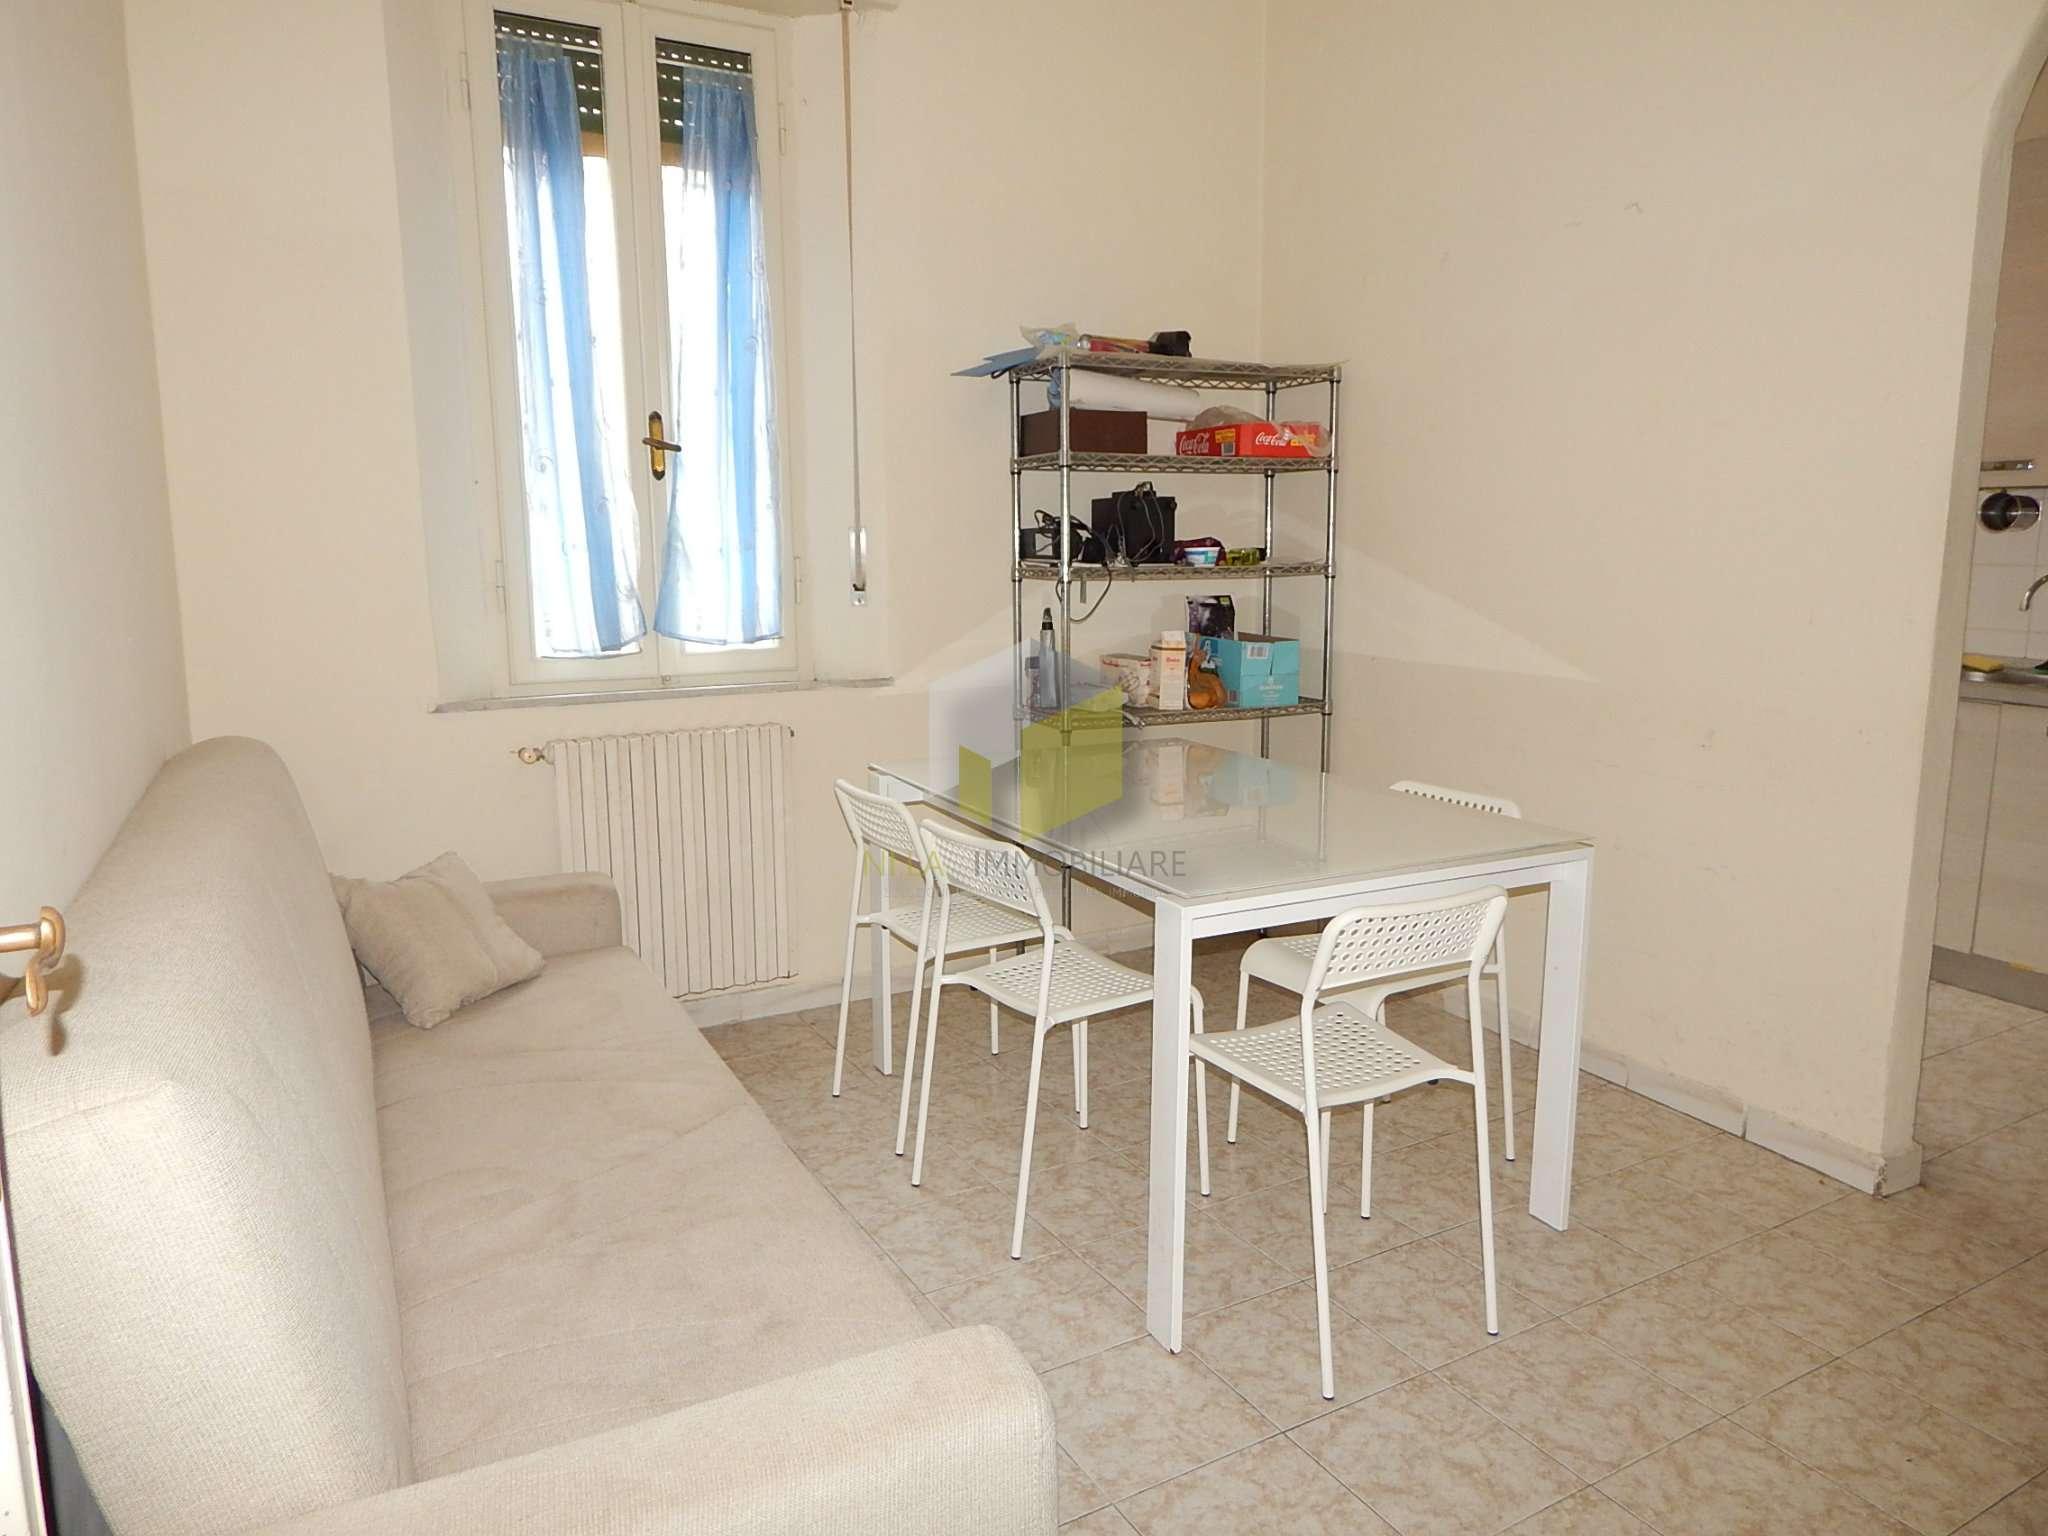 Soluzione Indipendente in affitto a Pisa, 4 locali, prezzo € 900 | Cambio Casa.it